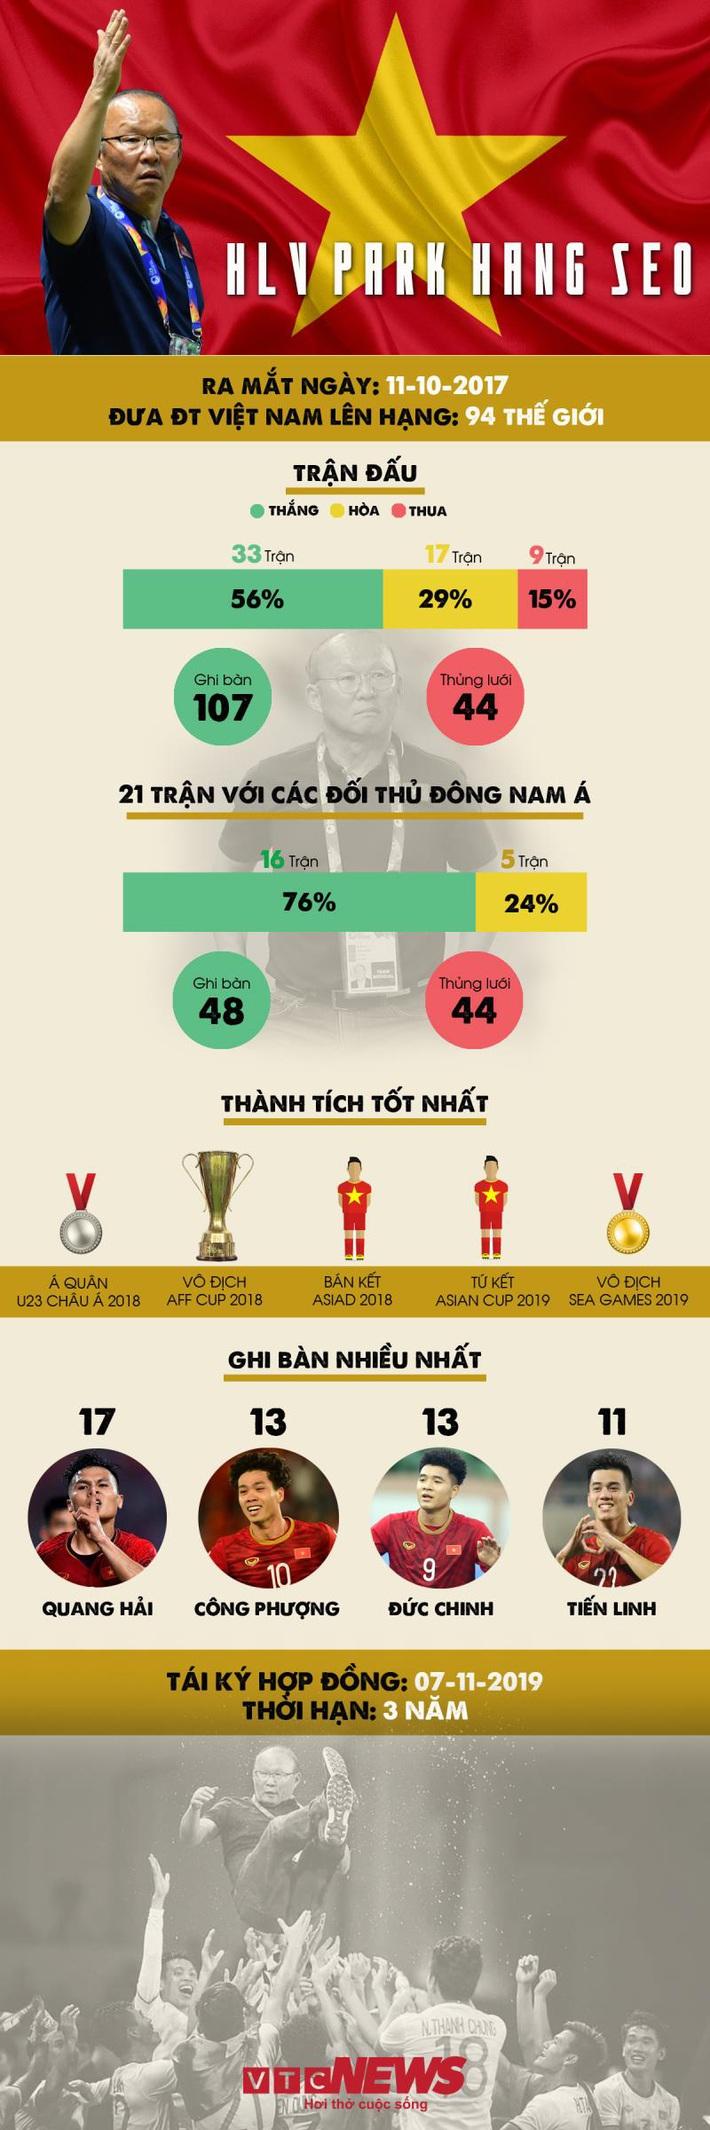 Infographic: Hai năm thành công rực rỡ của HLV Park Hang Seo - Ảnh 1.